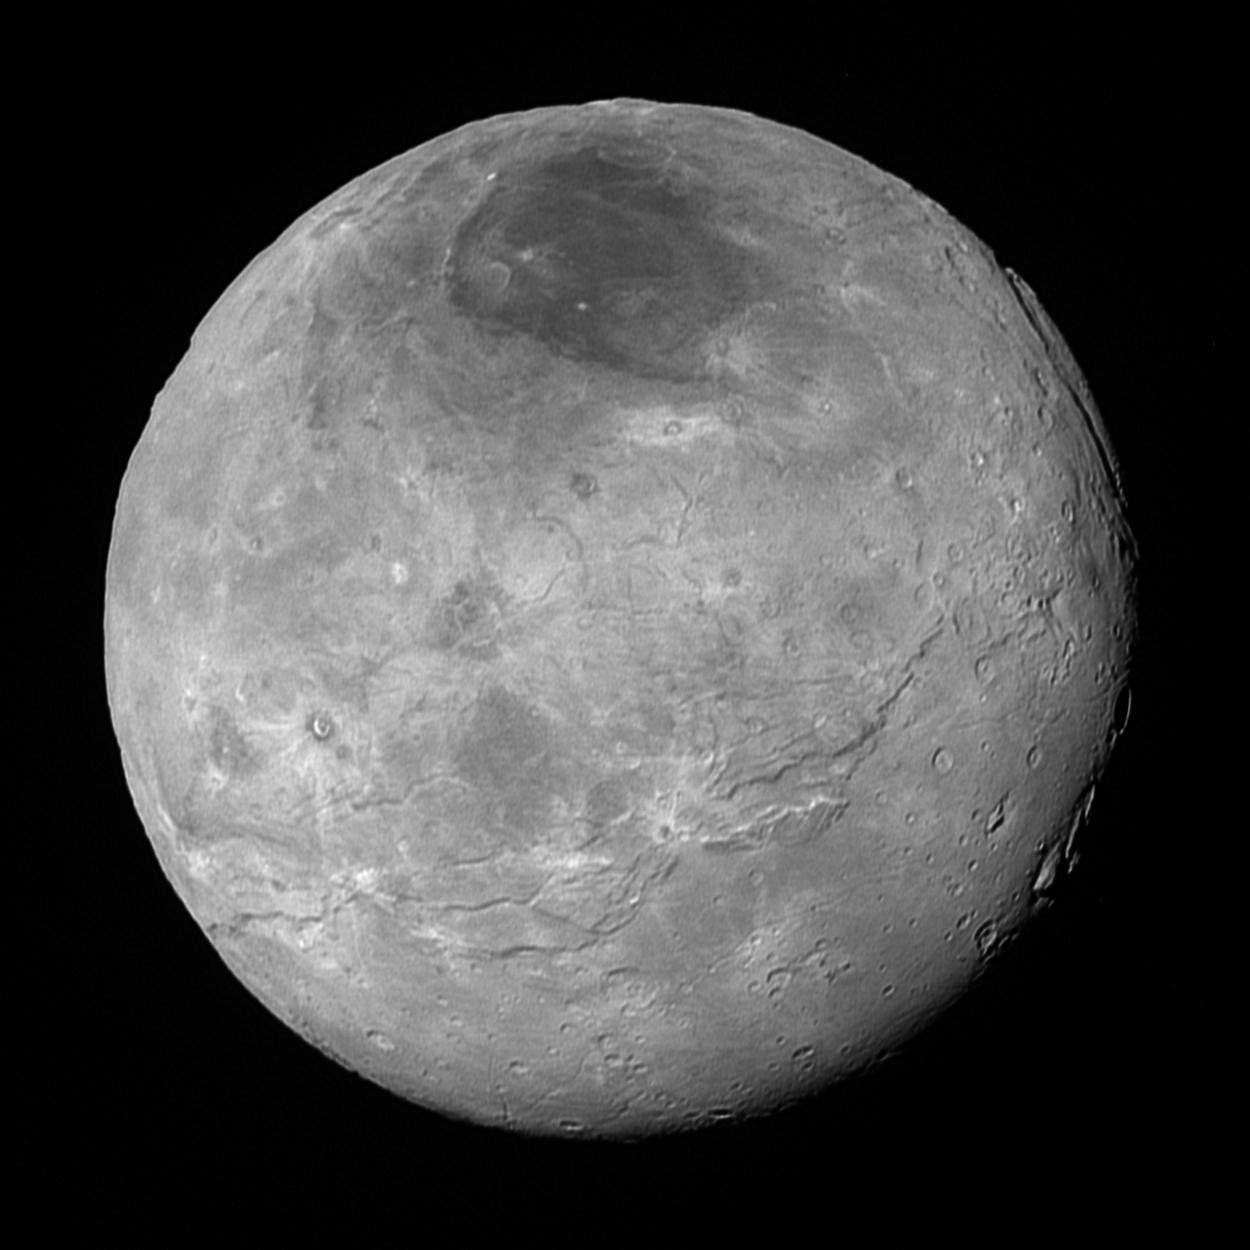 Der größte Plutomond Charon